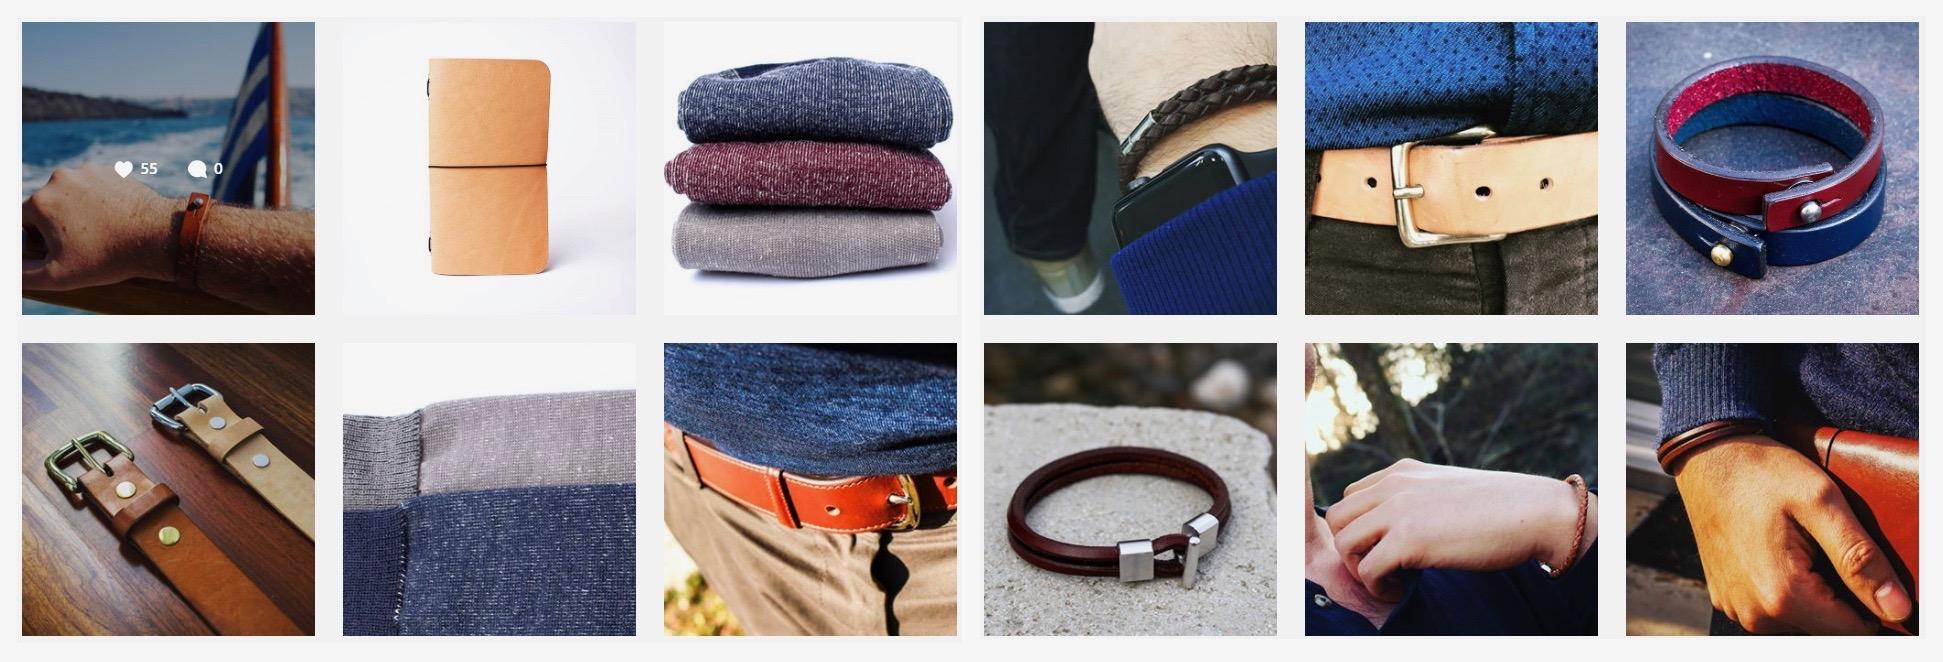 l'offre sympa bonnard de la ceinture au bracelet en passant par les chaussettes